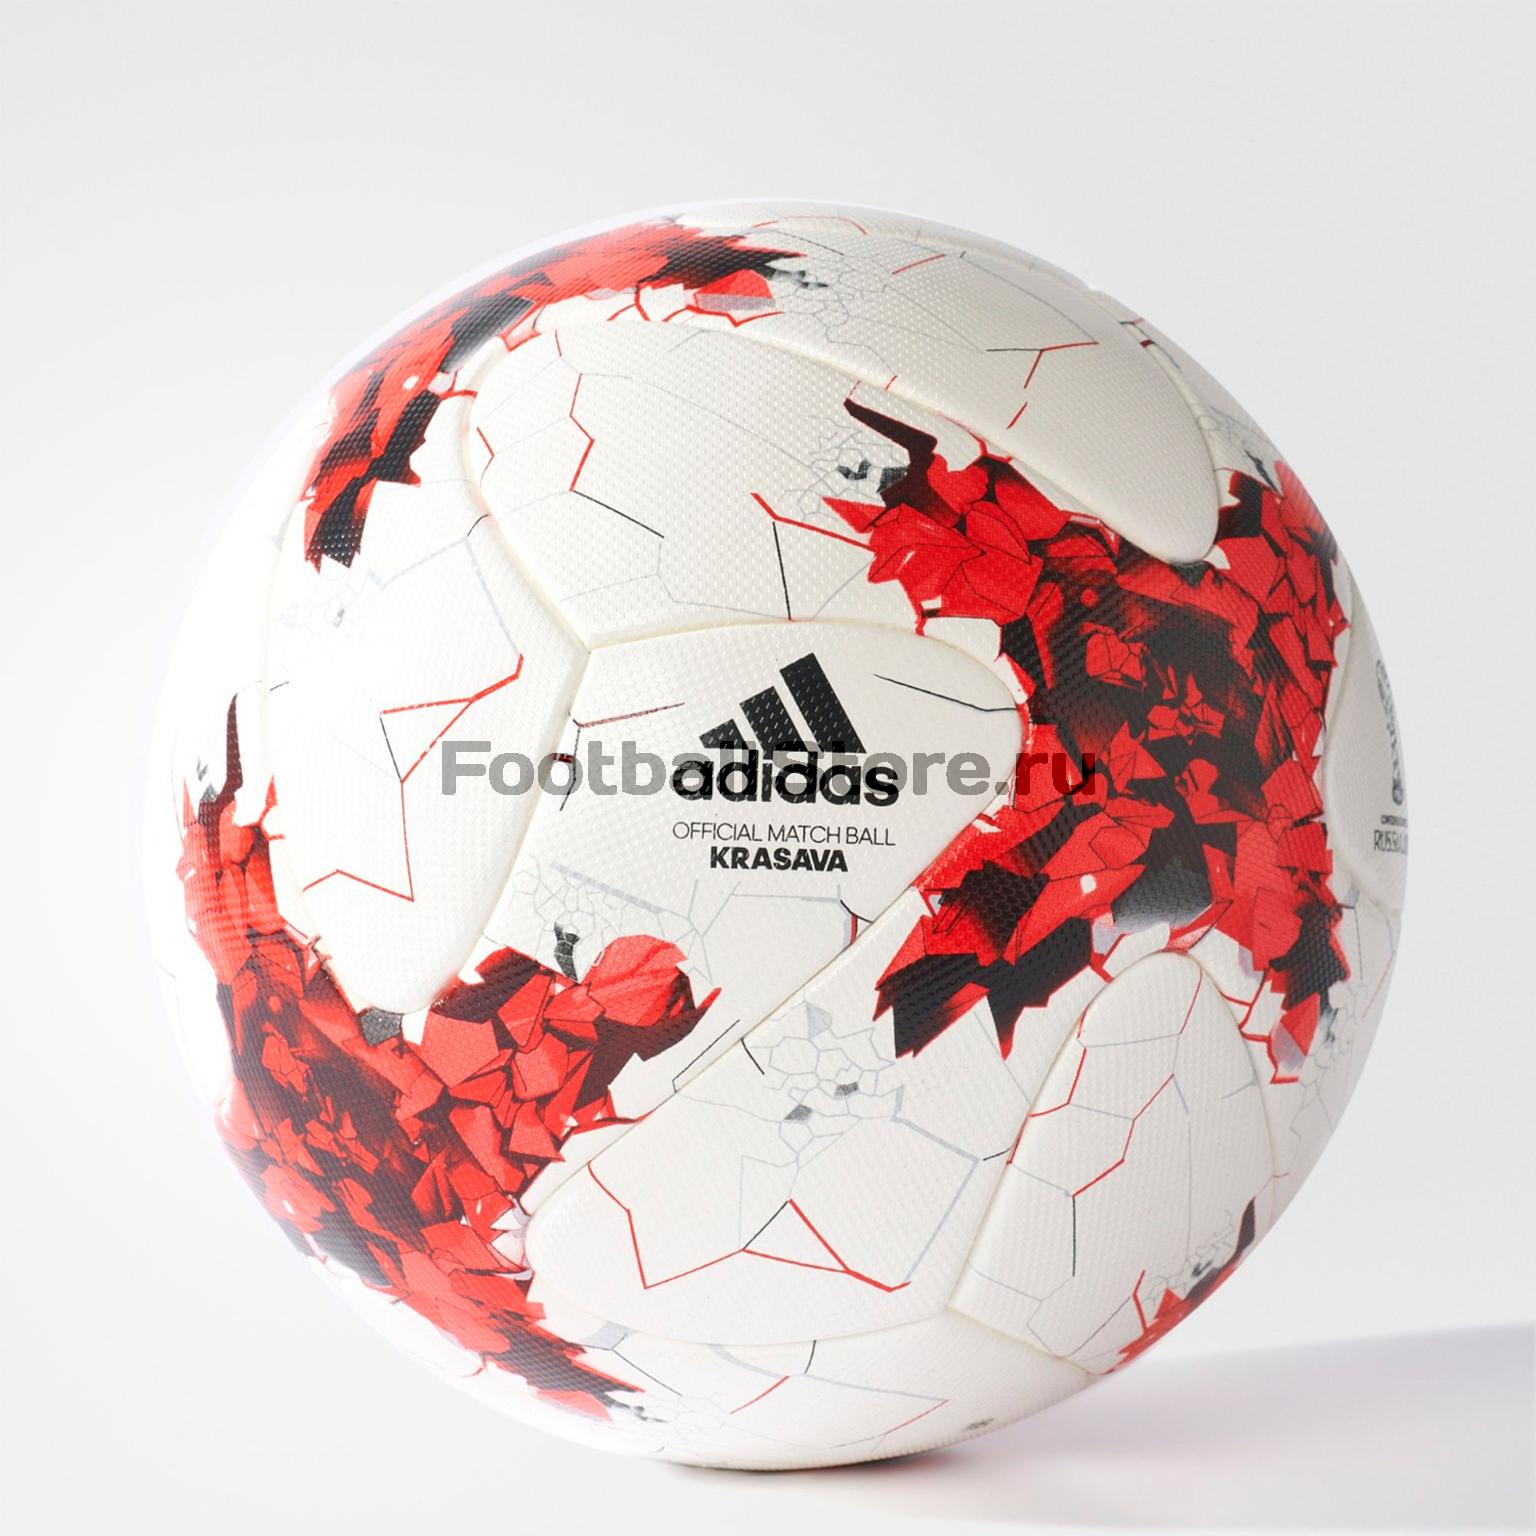 Классические Adidas Официальный мяч Adidas FIFA Confed CUP KRASAVA OMB AZ3183 adidas euro16 omb ac5415 размер 5